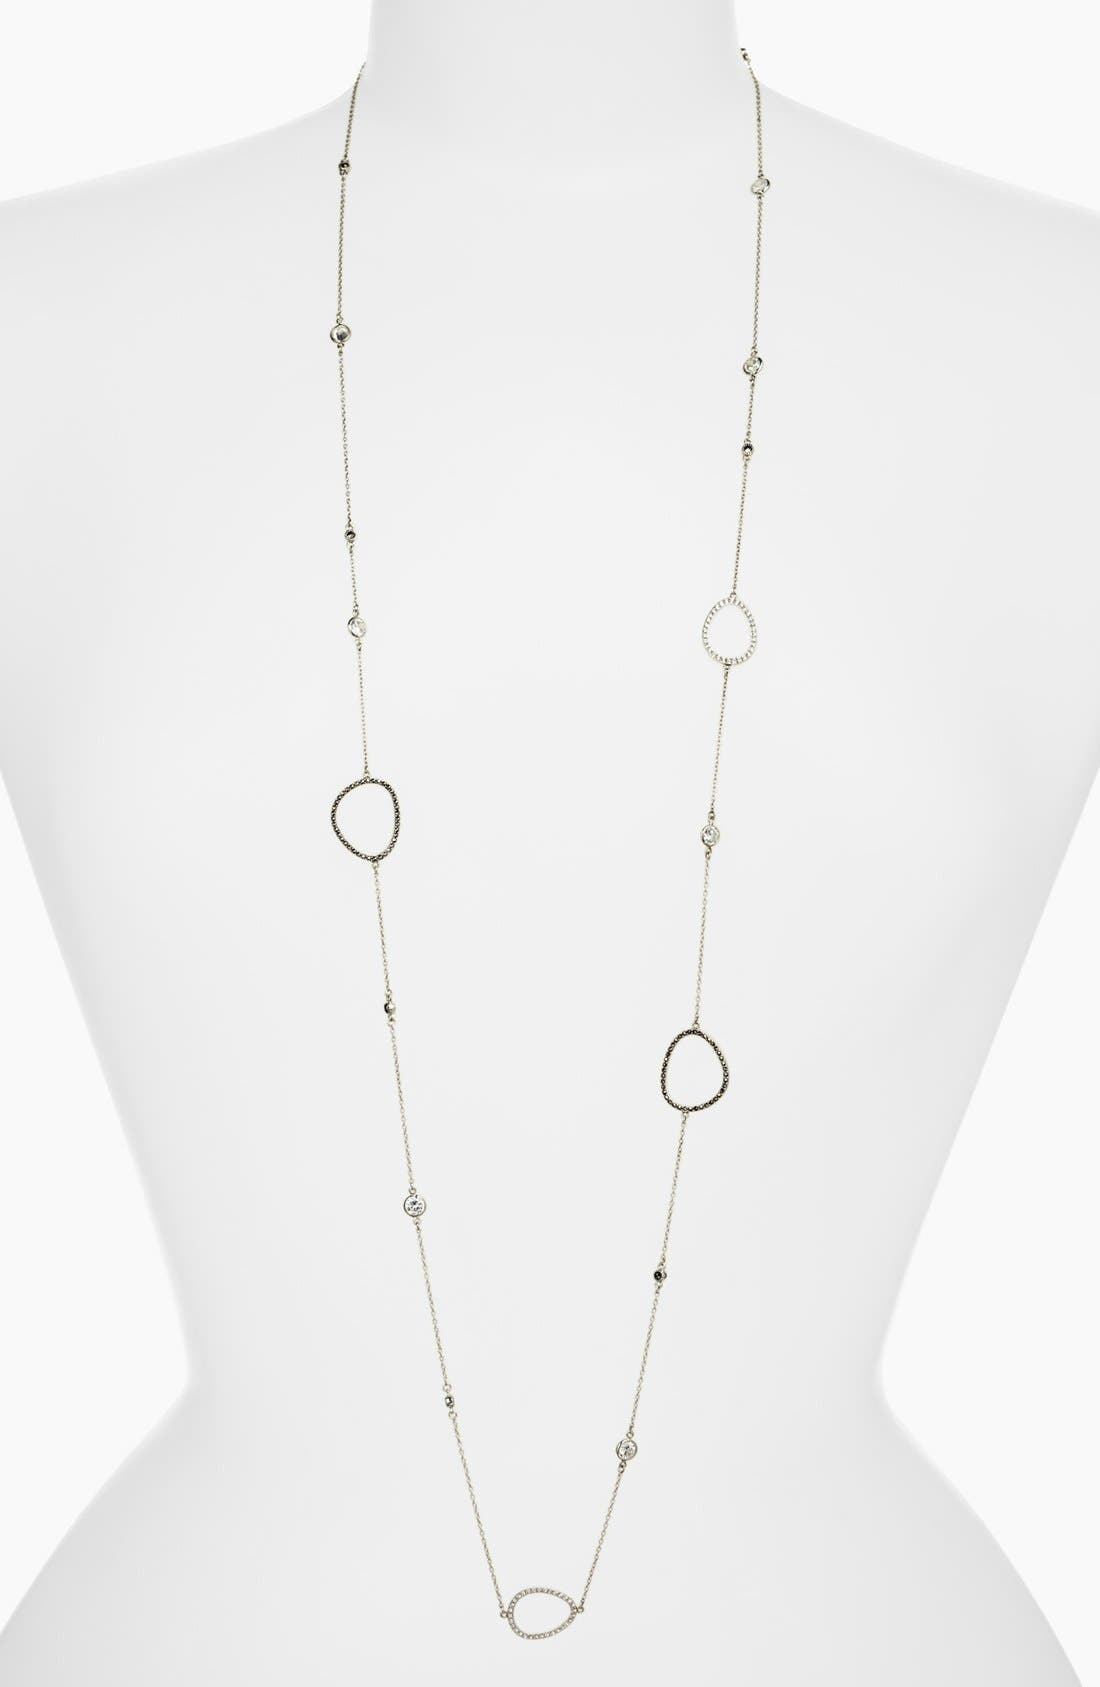 Main Image - Judith Jack 'Oahu' Extra Long Station Necklace